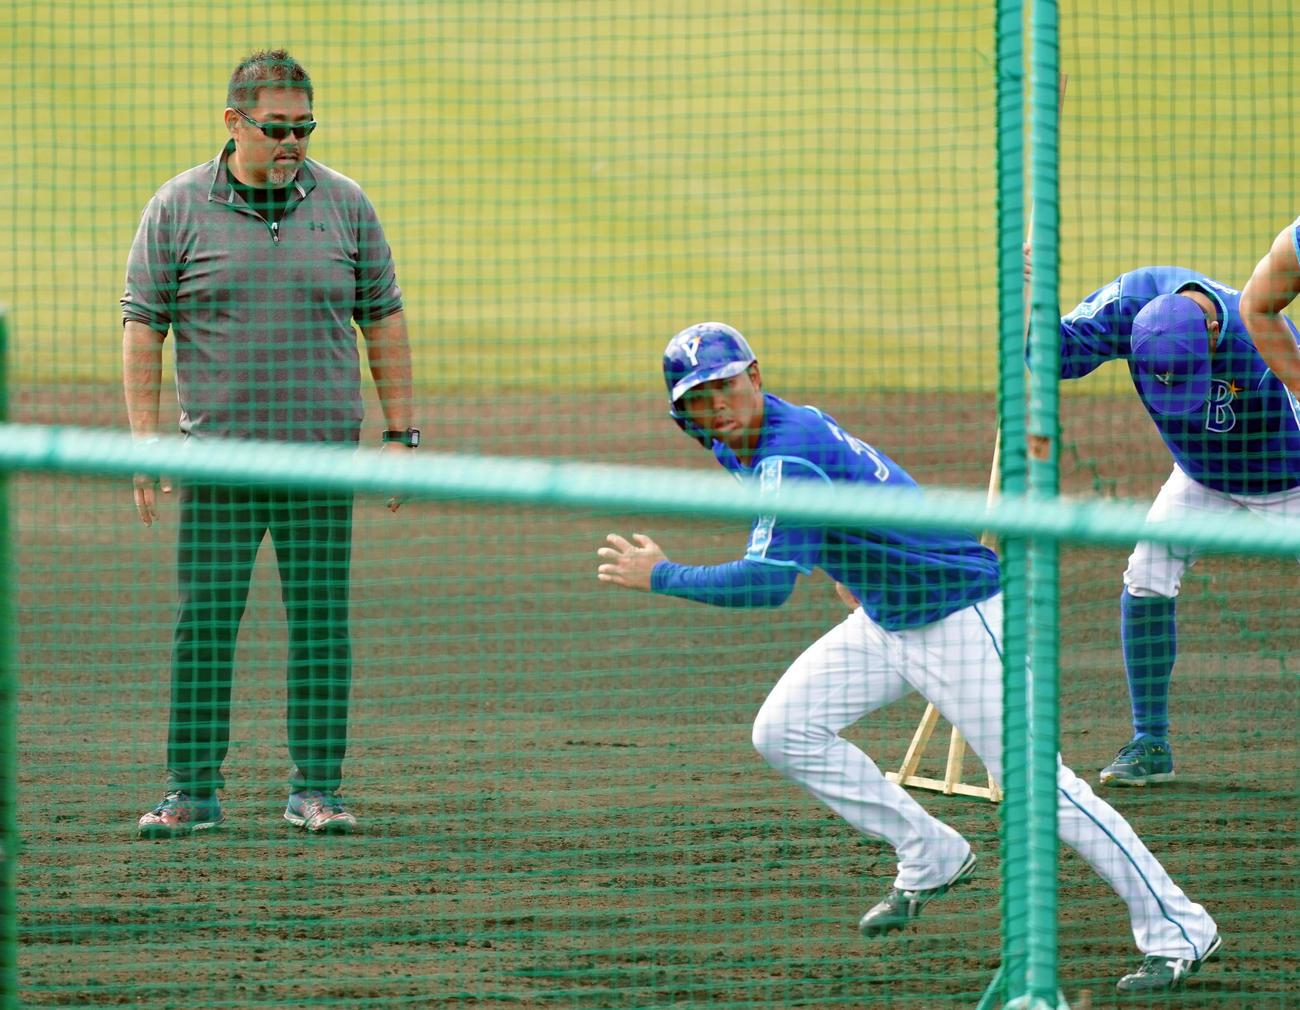 野手に走り方を指導する朝倉氏(左)(撮影・大野祥一)